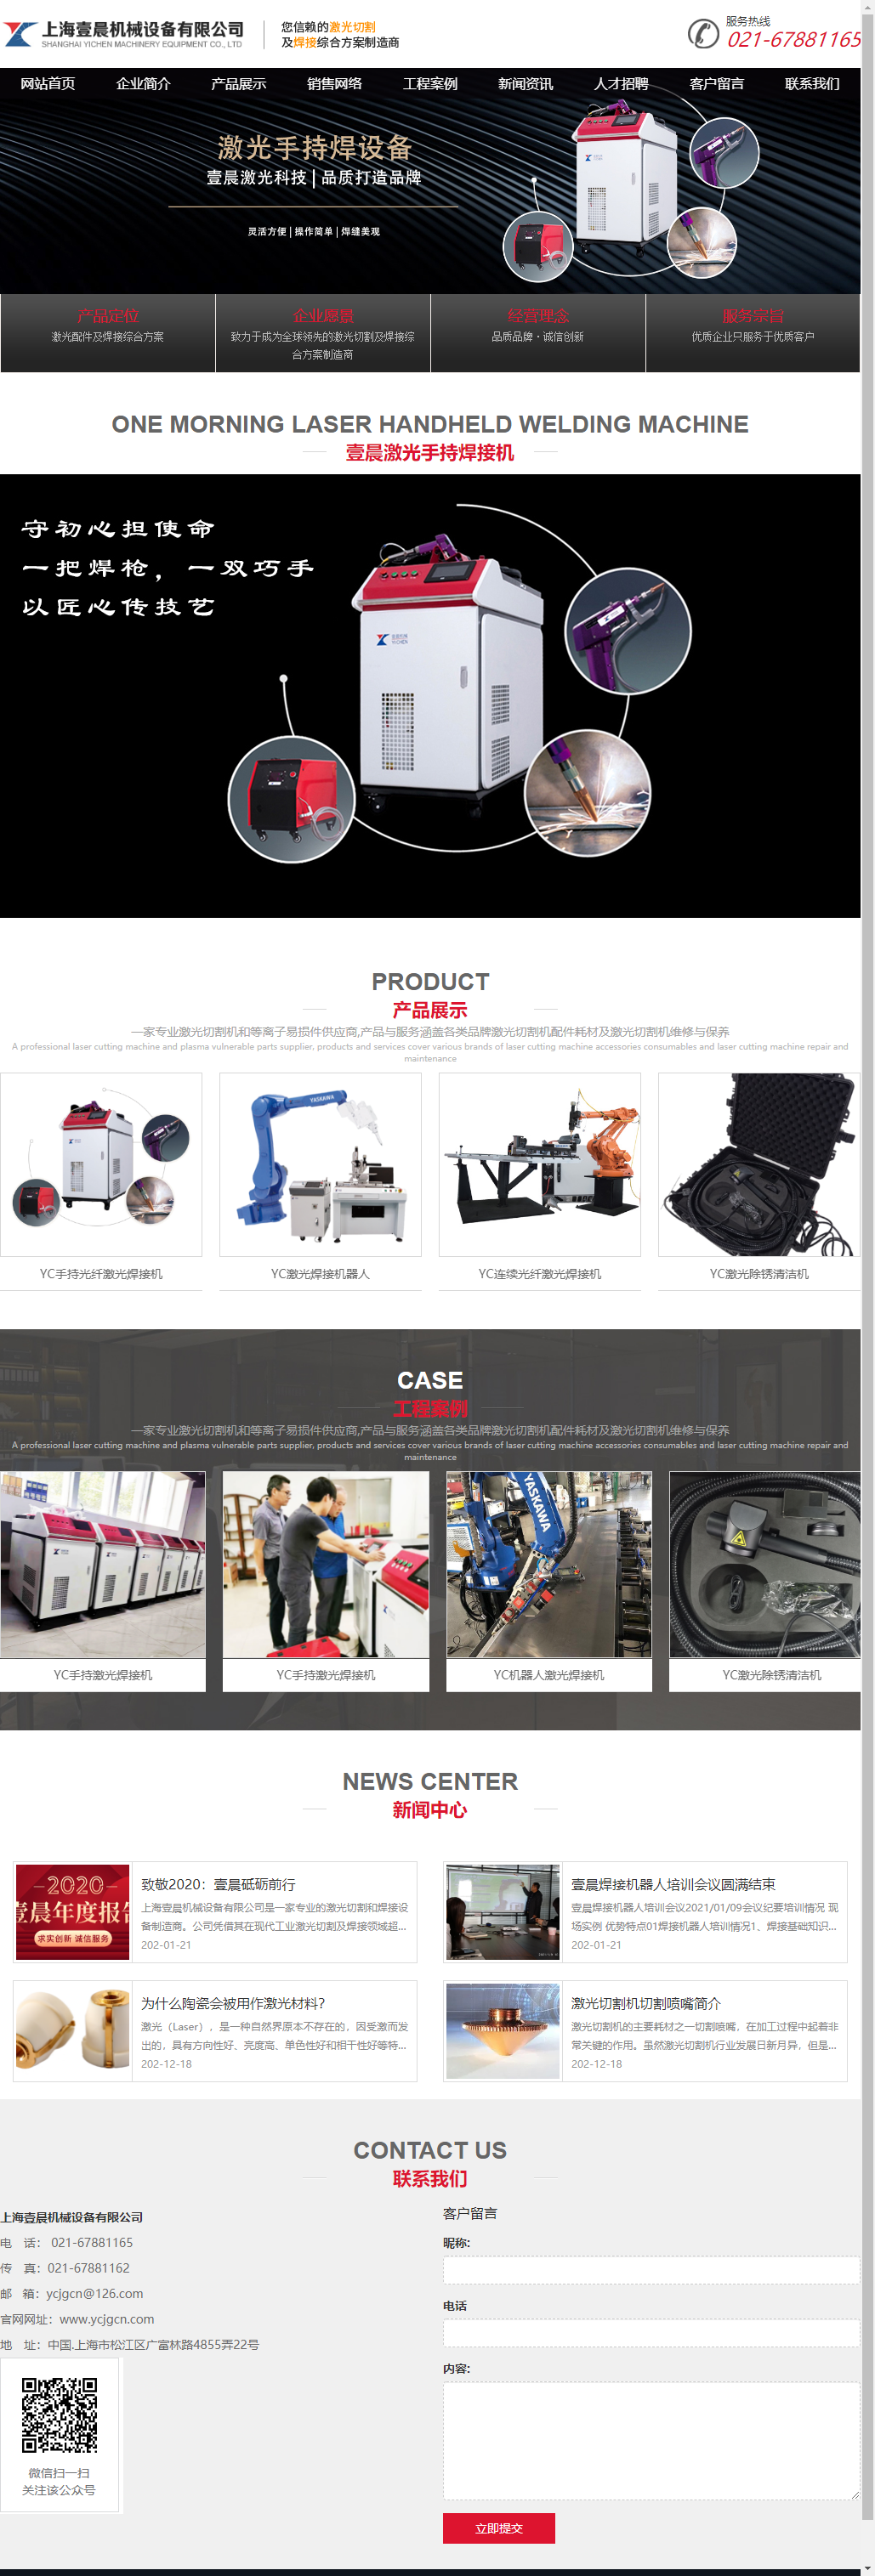 上海壹晨机械设备有限公司网站案例